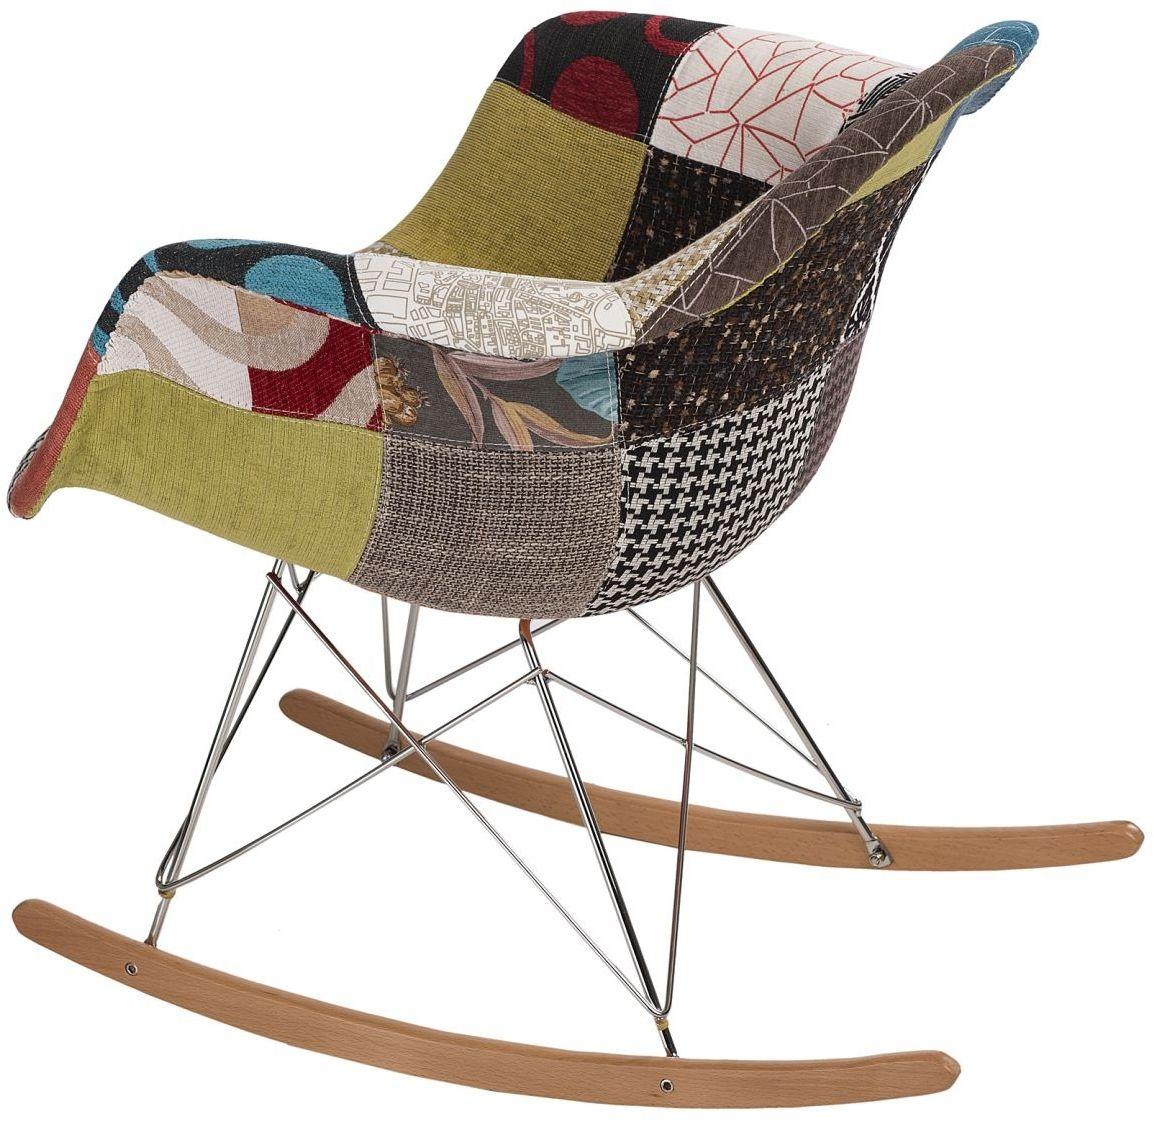 D2 Krzesło P018 RAR patchwork kolorowy